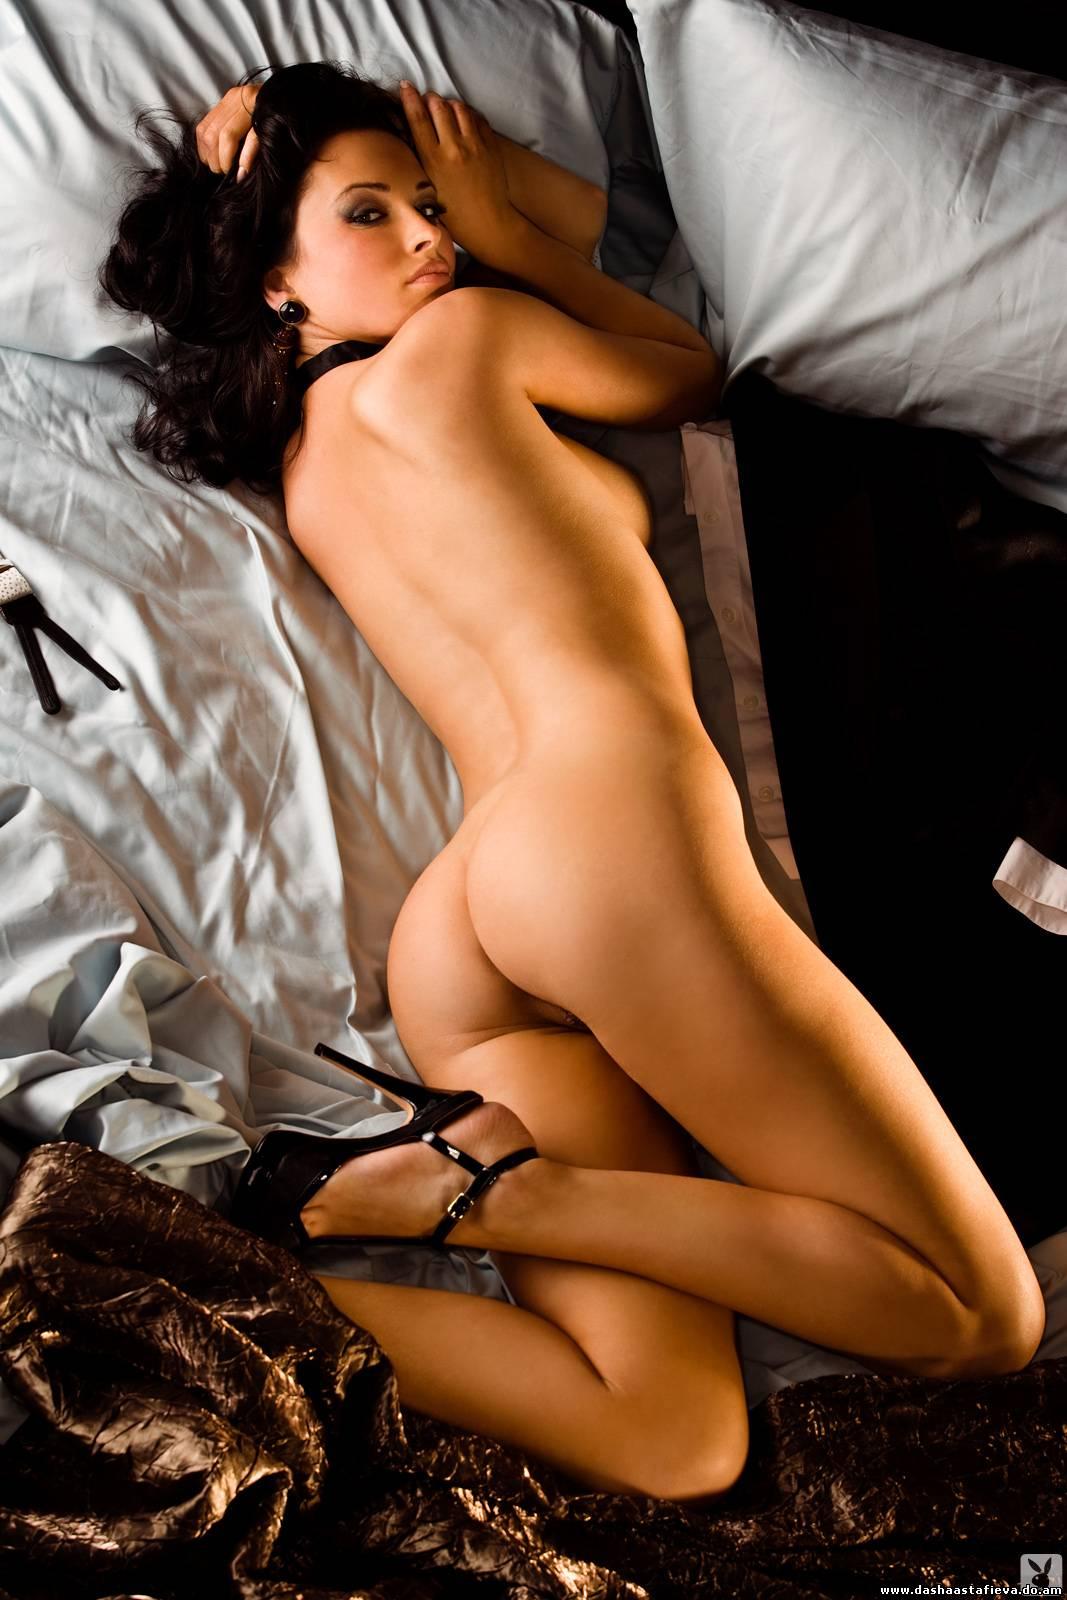 eroticheskie-fotosessii-znamenitostey